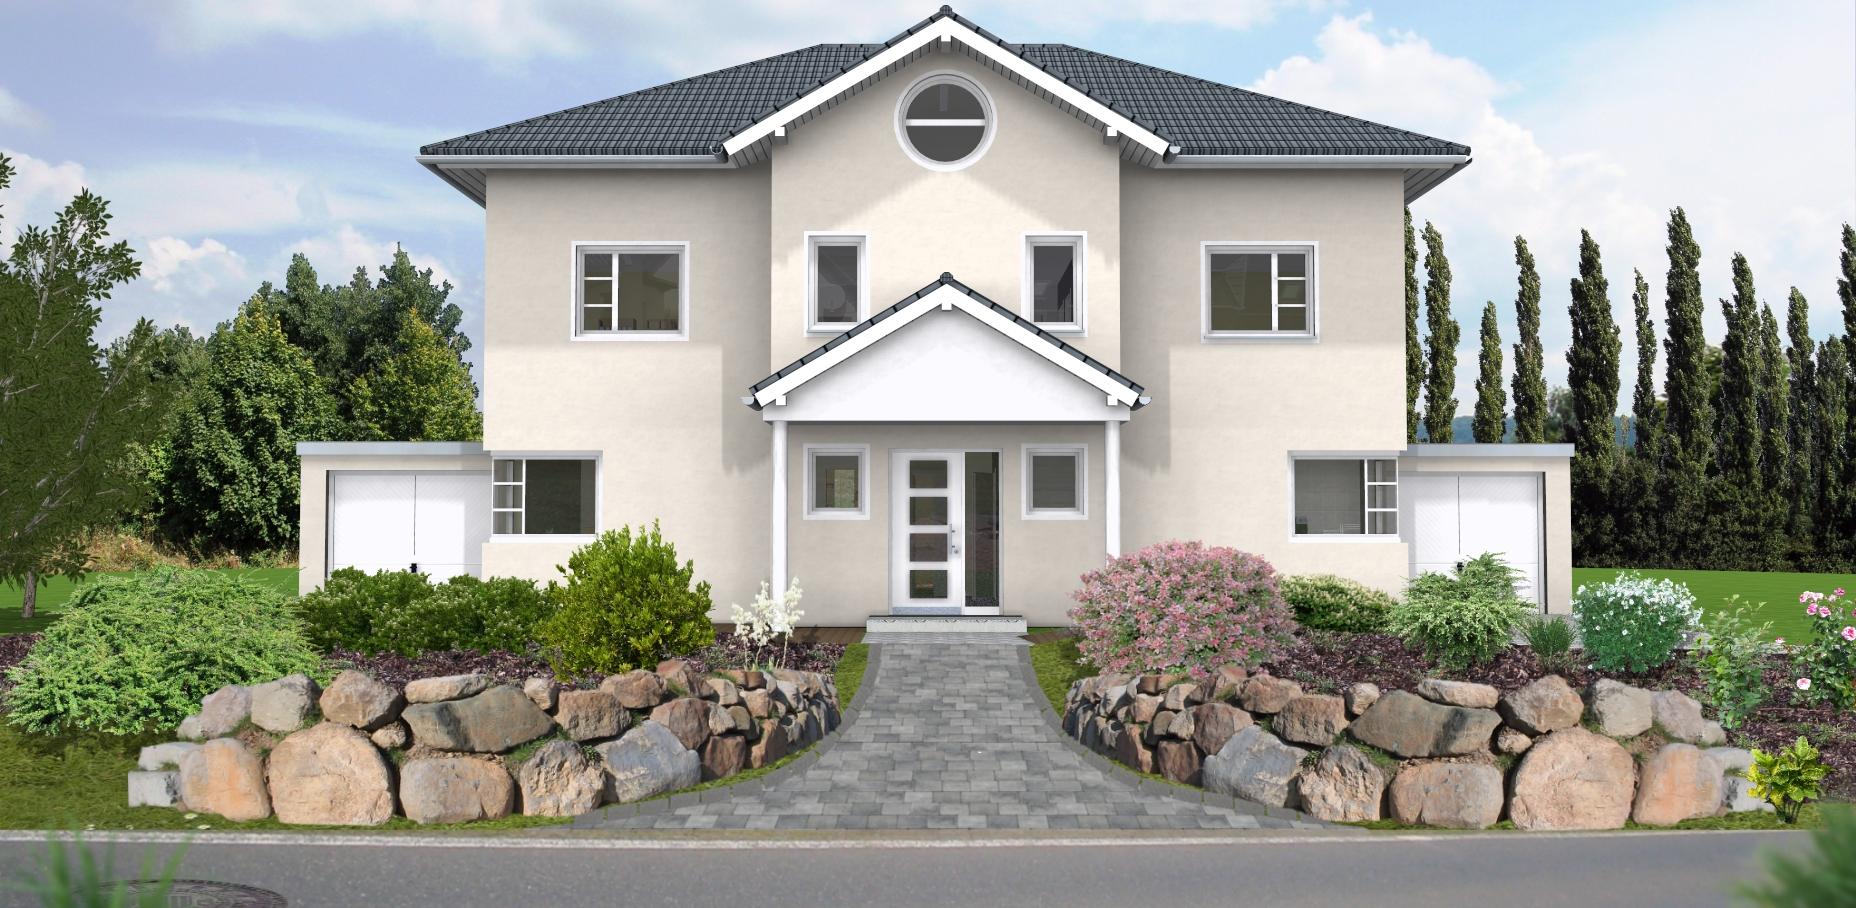 Einfamilienhaus 1 140 wapelhorst planen und bauen möhnesee